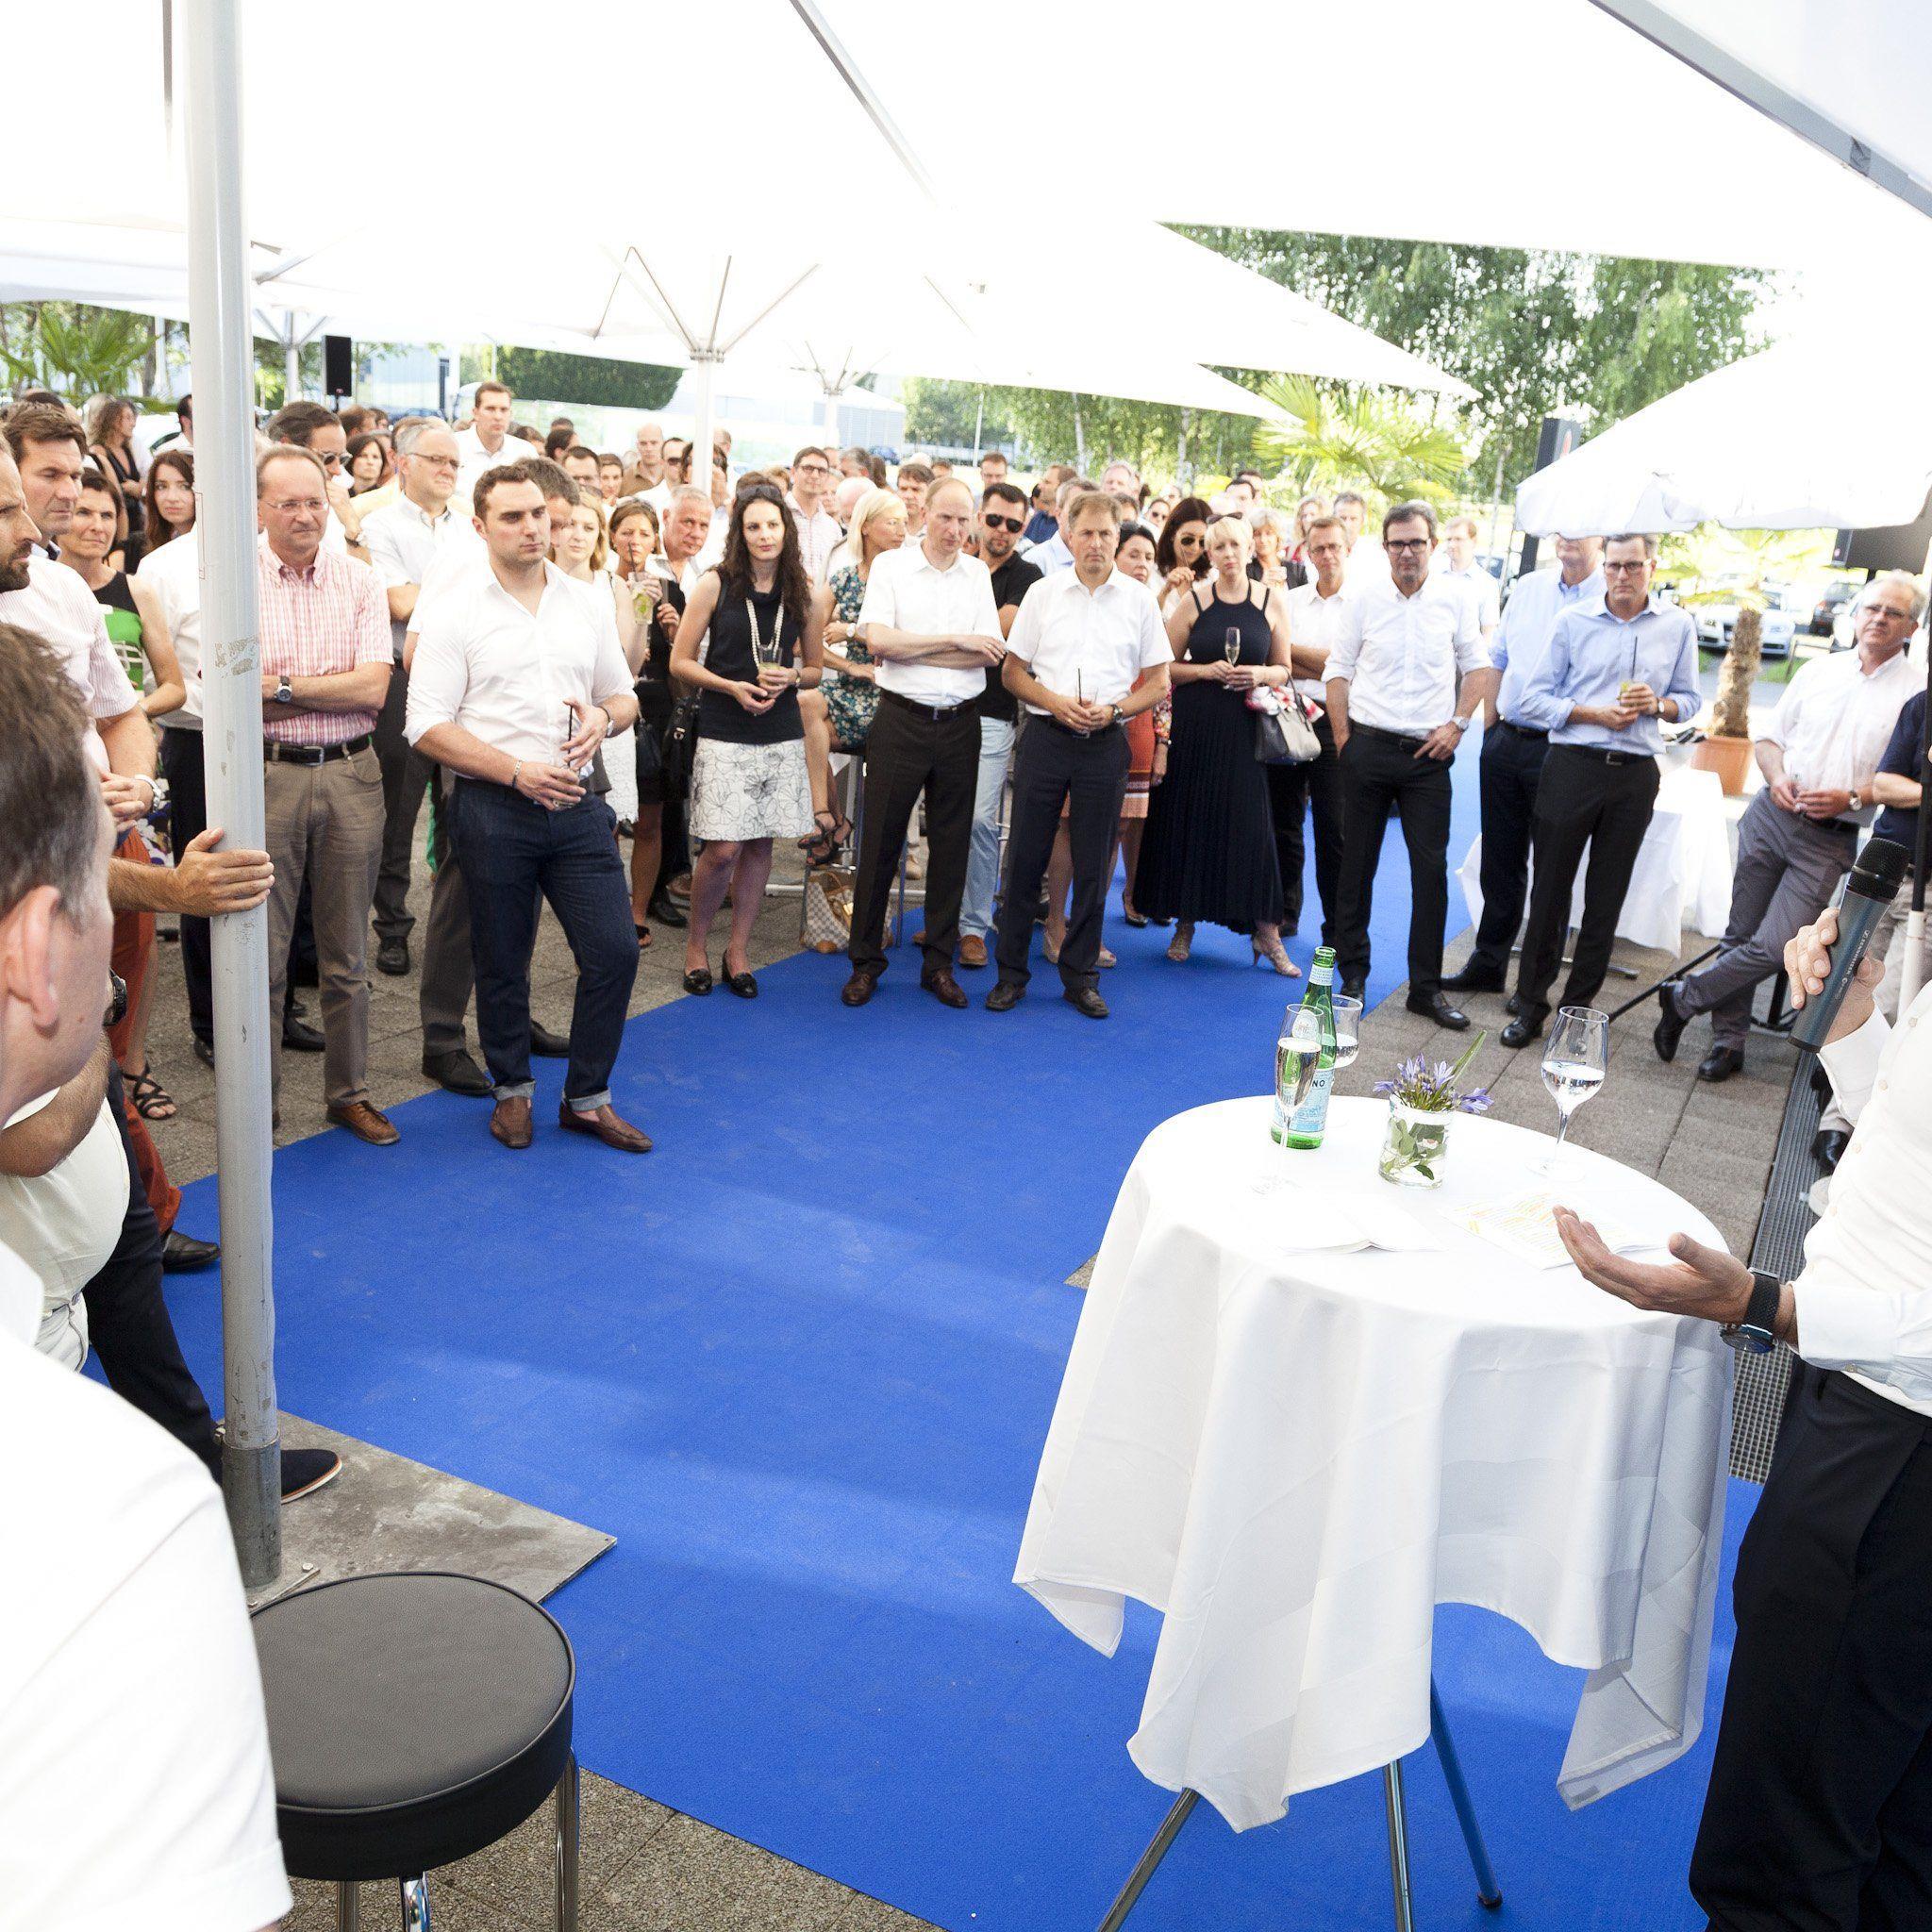 IV-Vlbg. Präsident Ohneberg: Mit gutem Beispiel vorangehen.